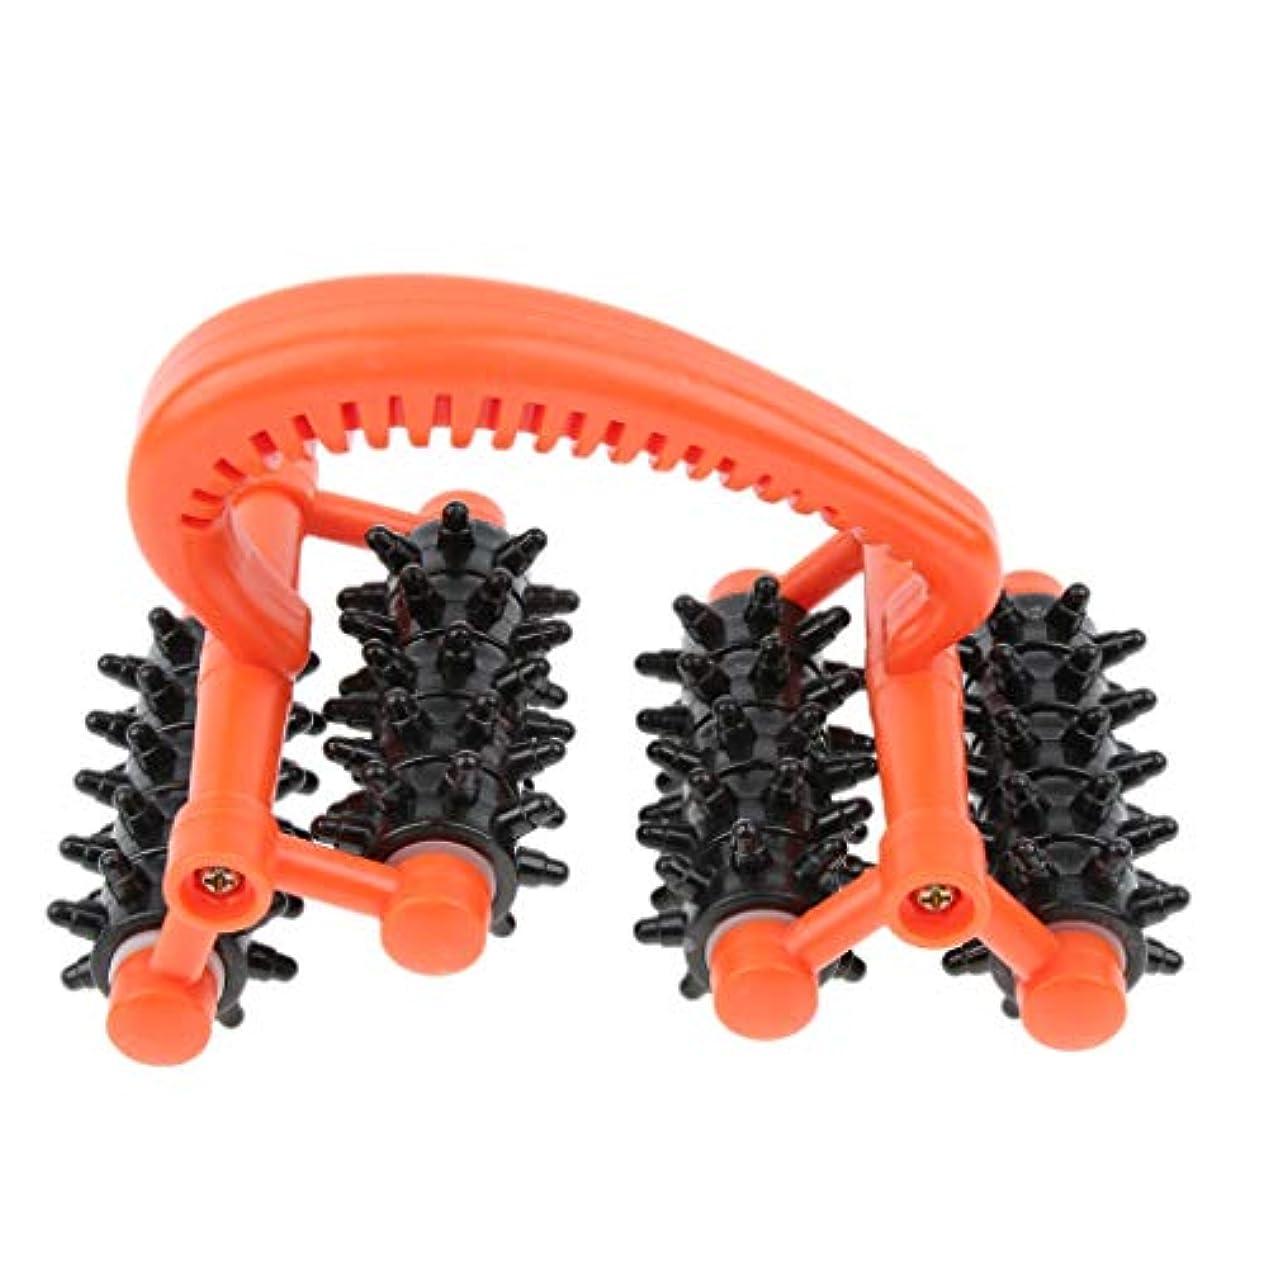 圧縮注目すべき相対サイズマッサージローラー ハンドル 筋肉 痛み 痛み 即座に軽減 プラスチック 効果的 汎用